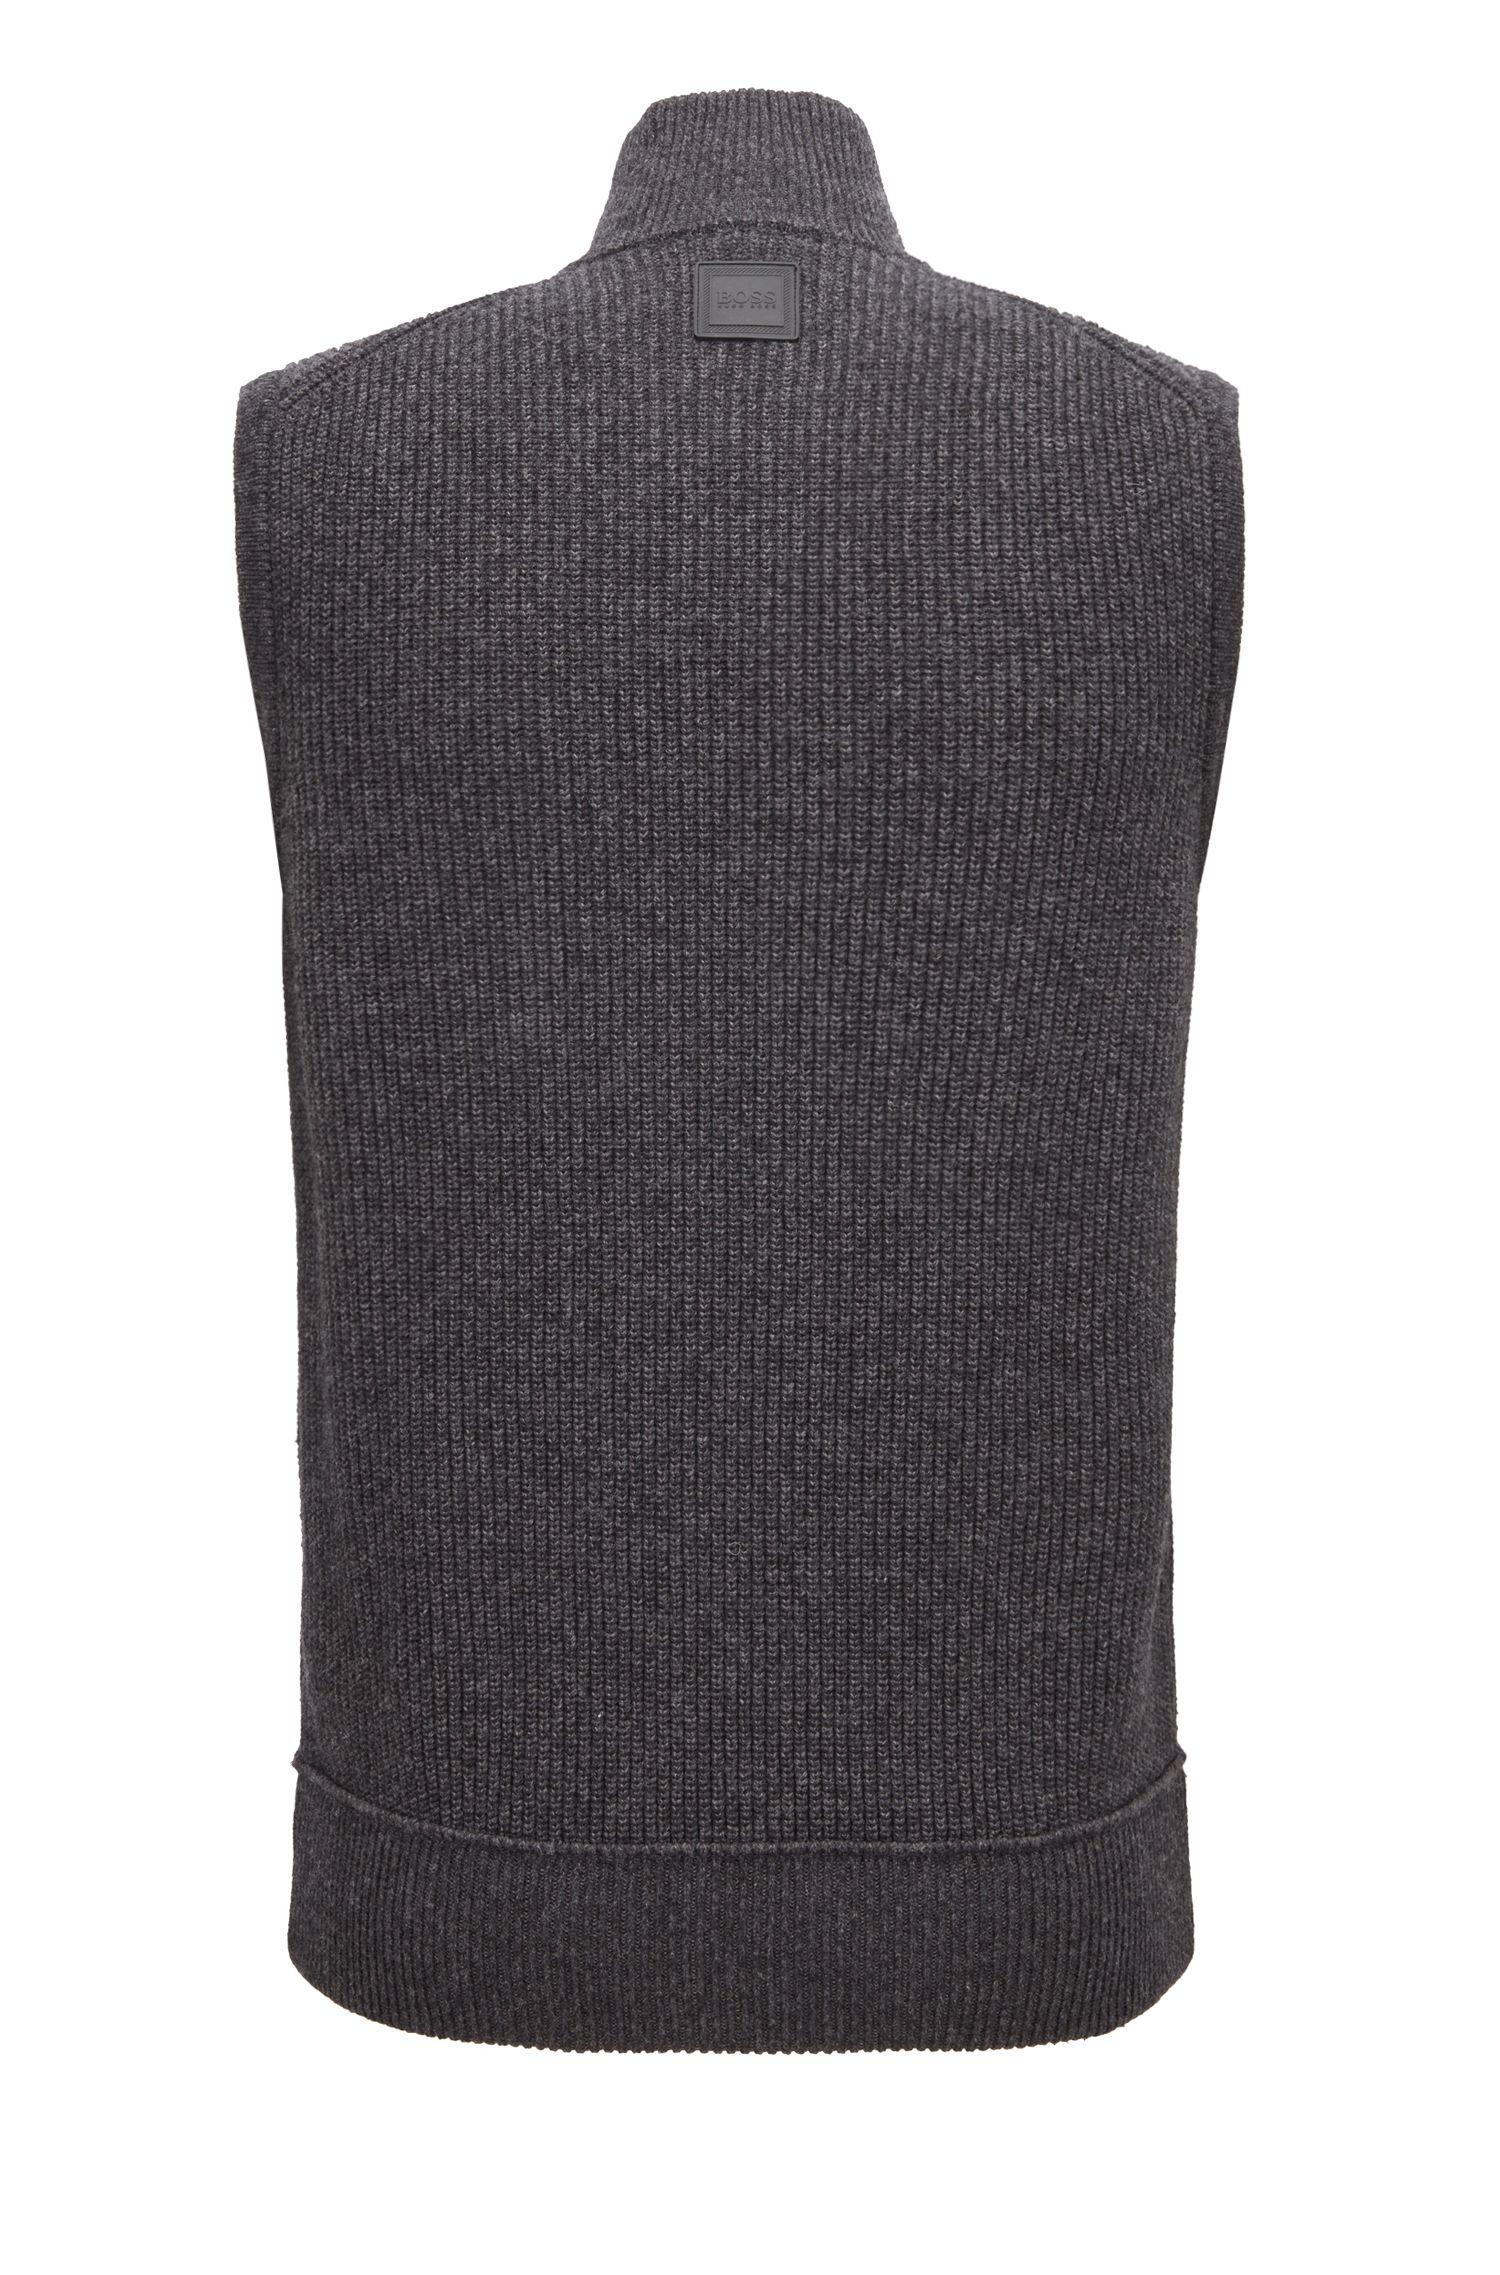 Mouwloze trui van een katoenmix met rits aan de voorkant, Donkergrijs